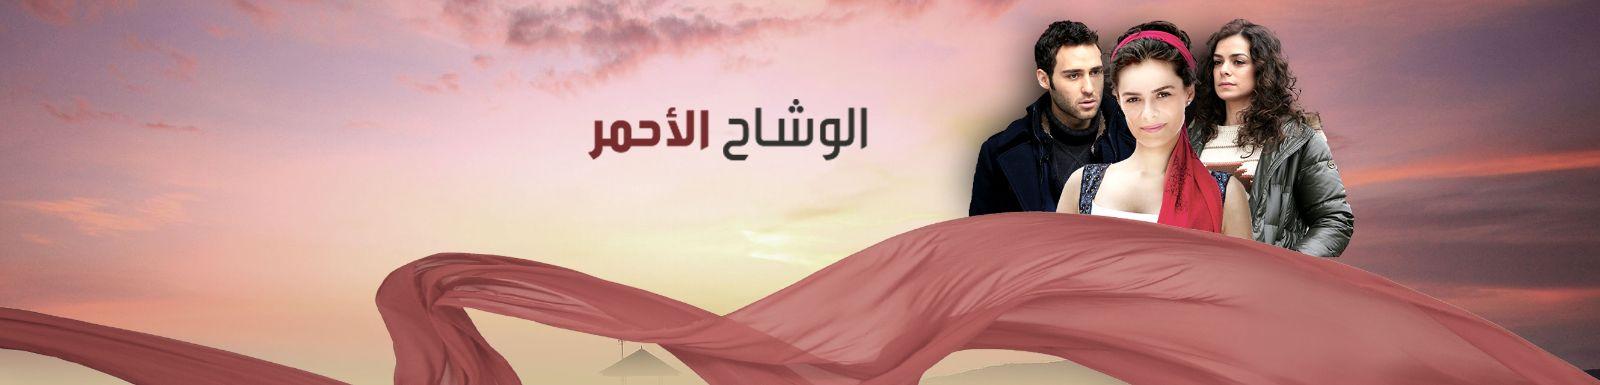 مشاهدة وتحميل مسلسل الوشاح الأحمر الحلقة 65 الخامسة والستون كاملة 2014